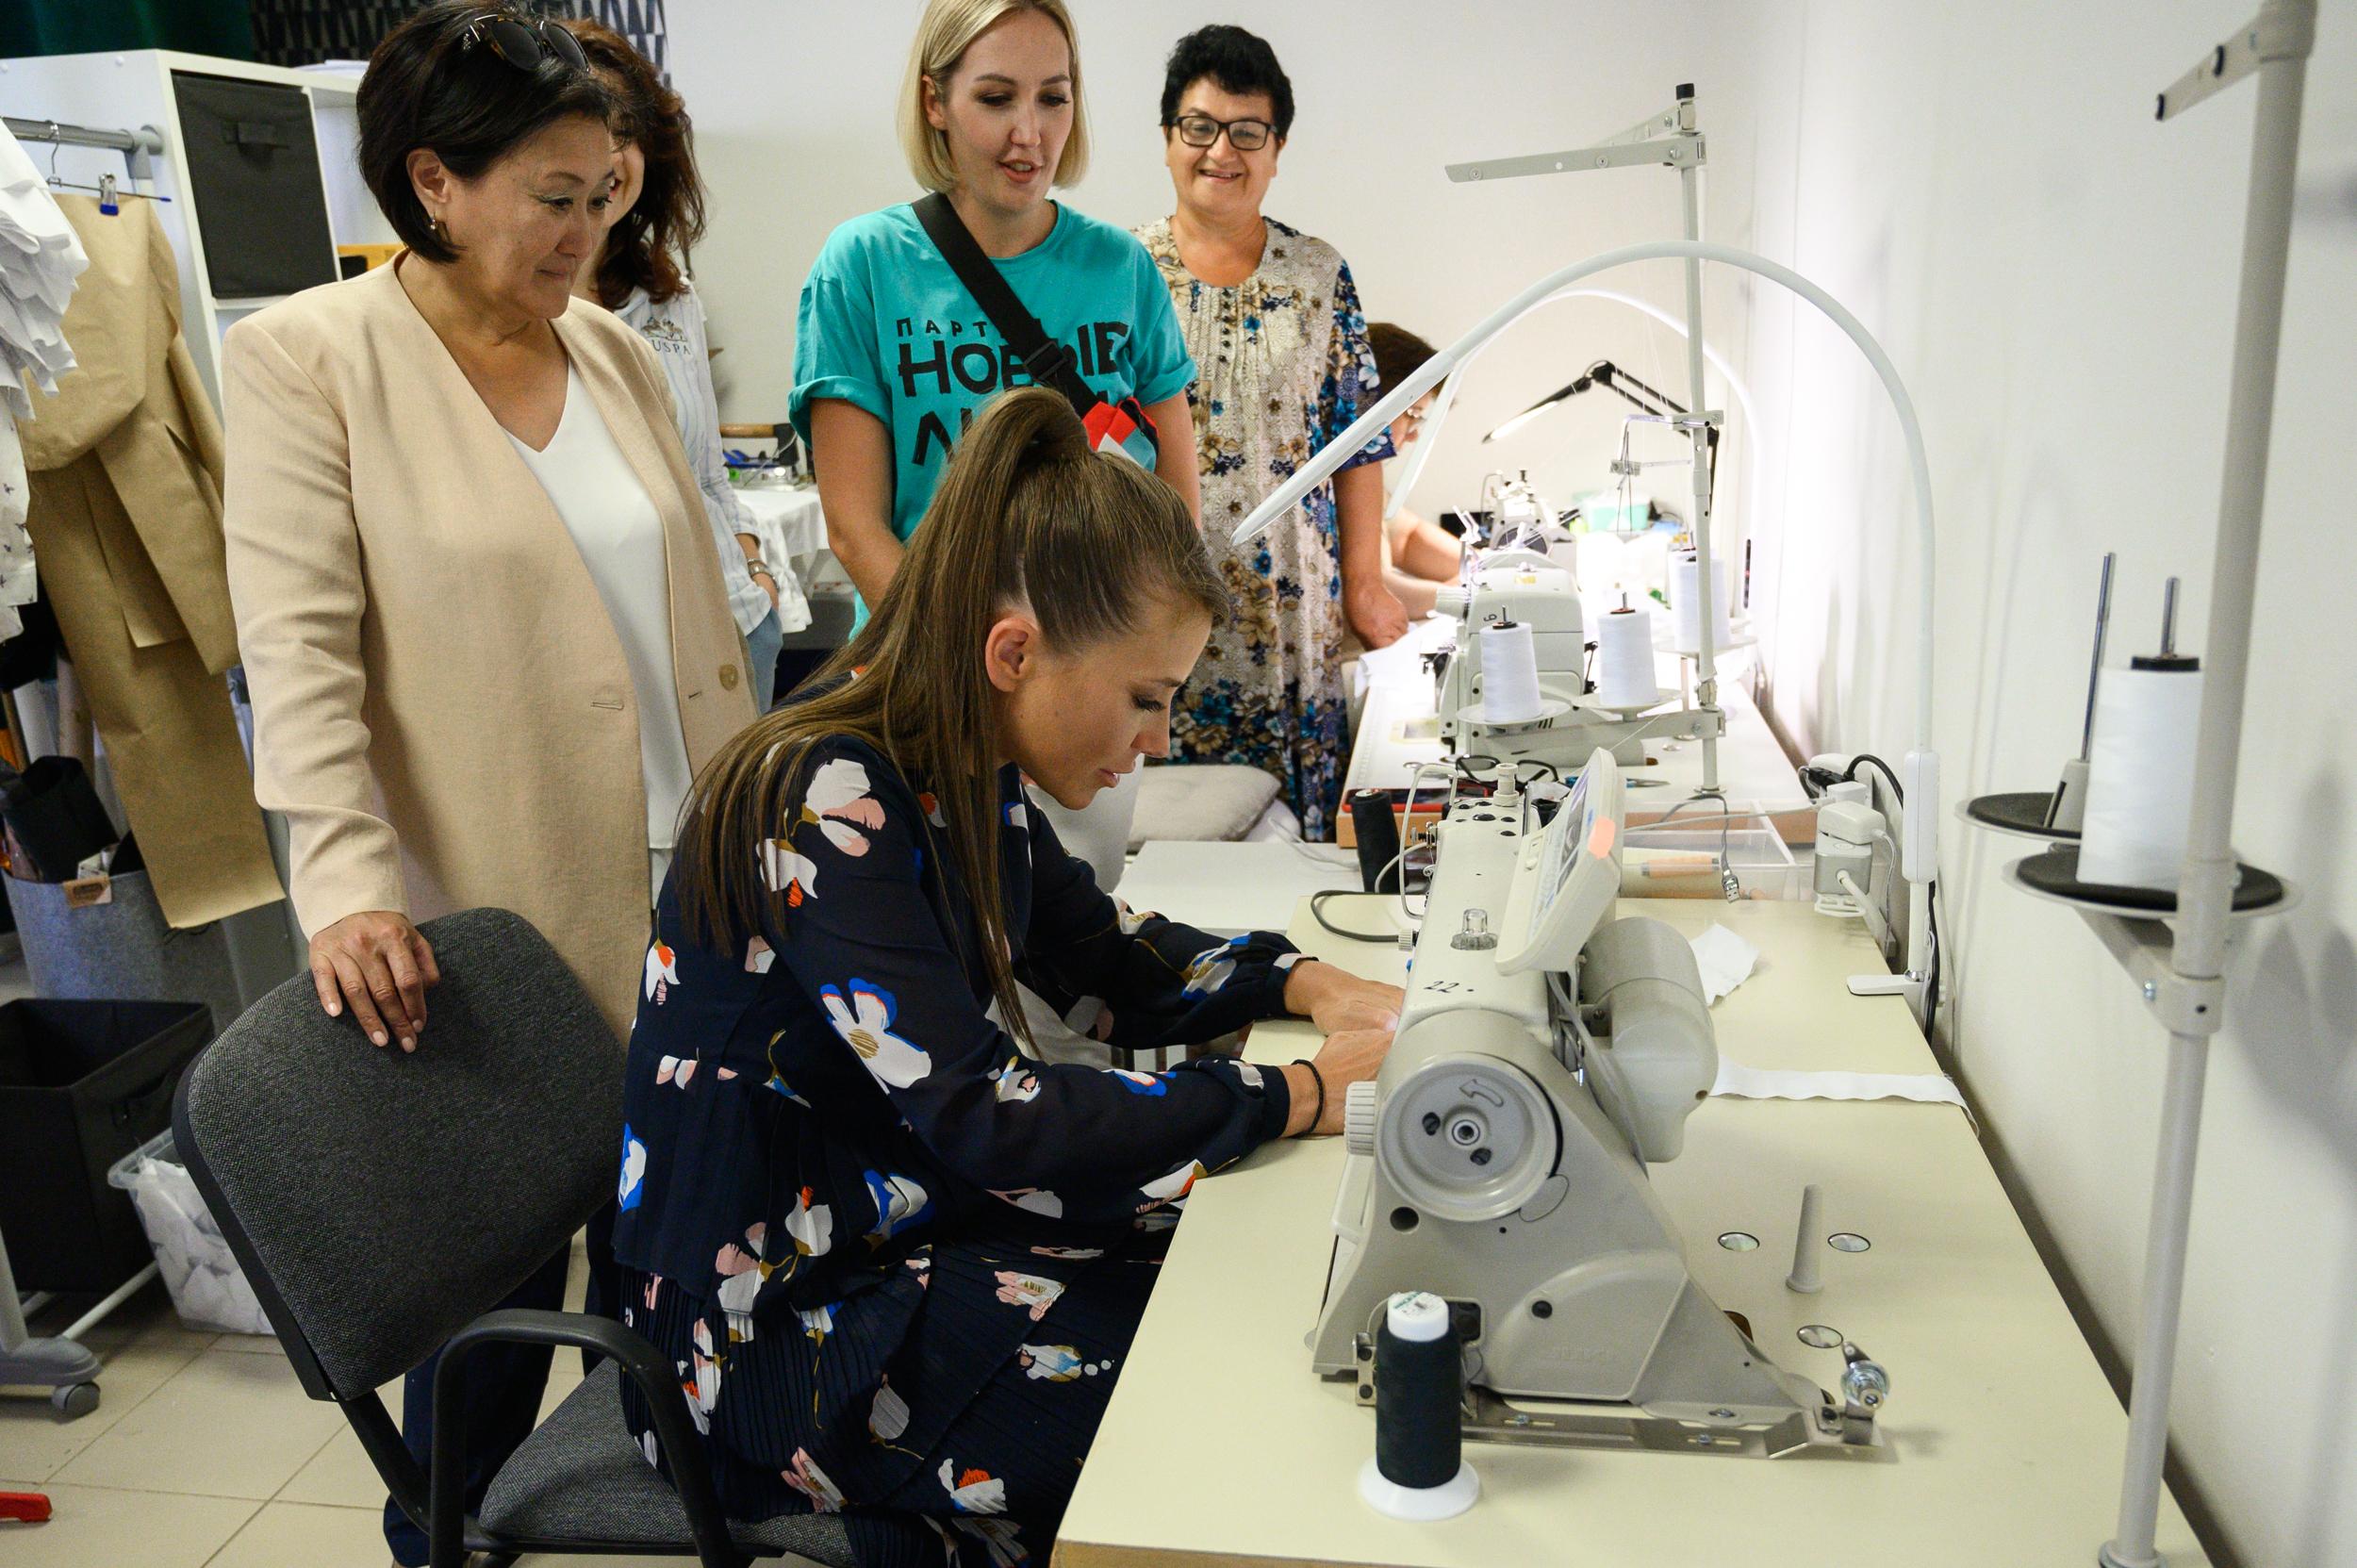 Часть выручки направят на покупку высокотехнологичных протезов и оборудования для реабилитации детей с особенностями